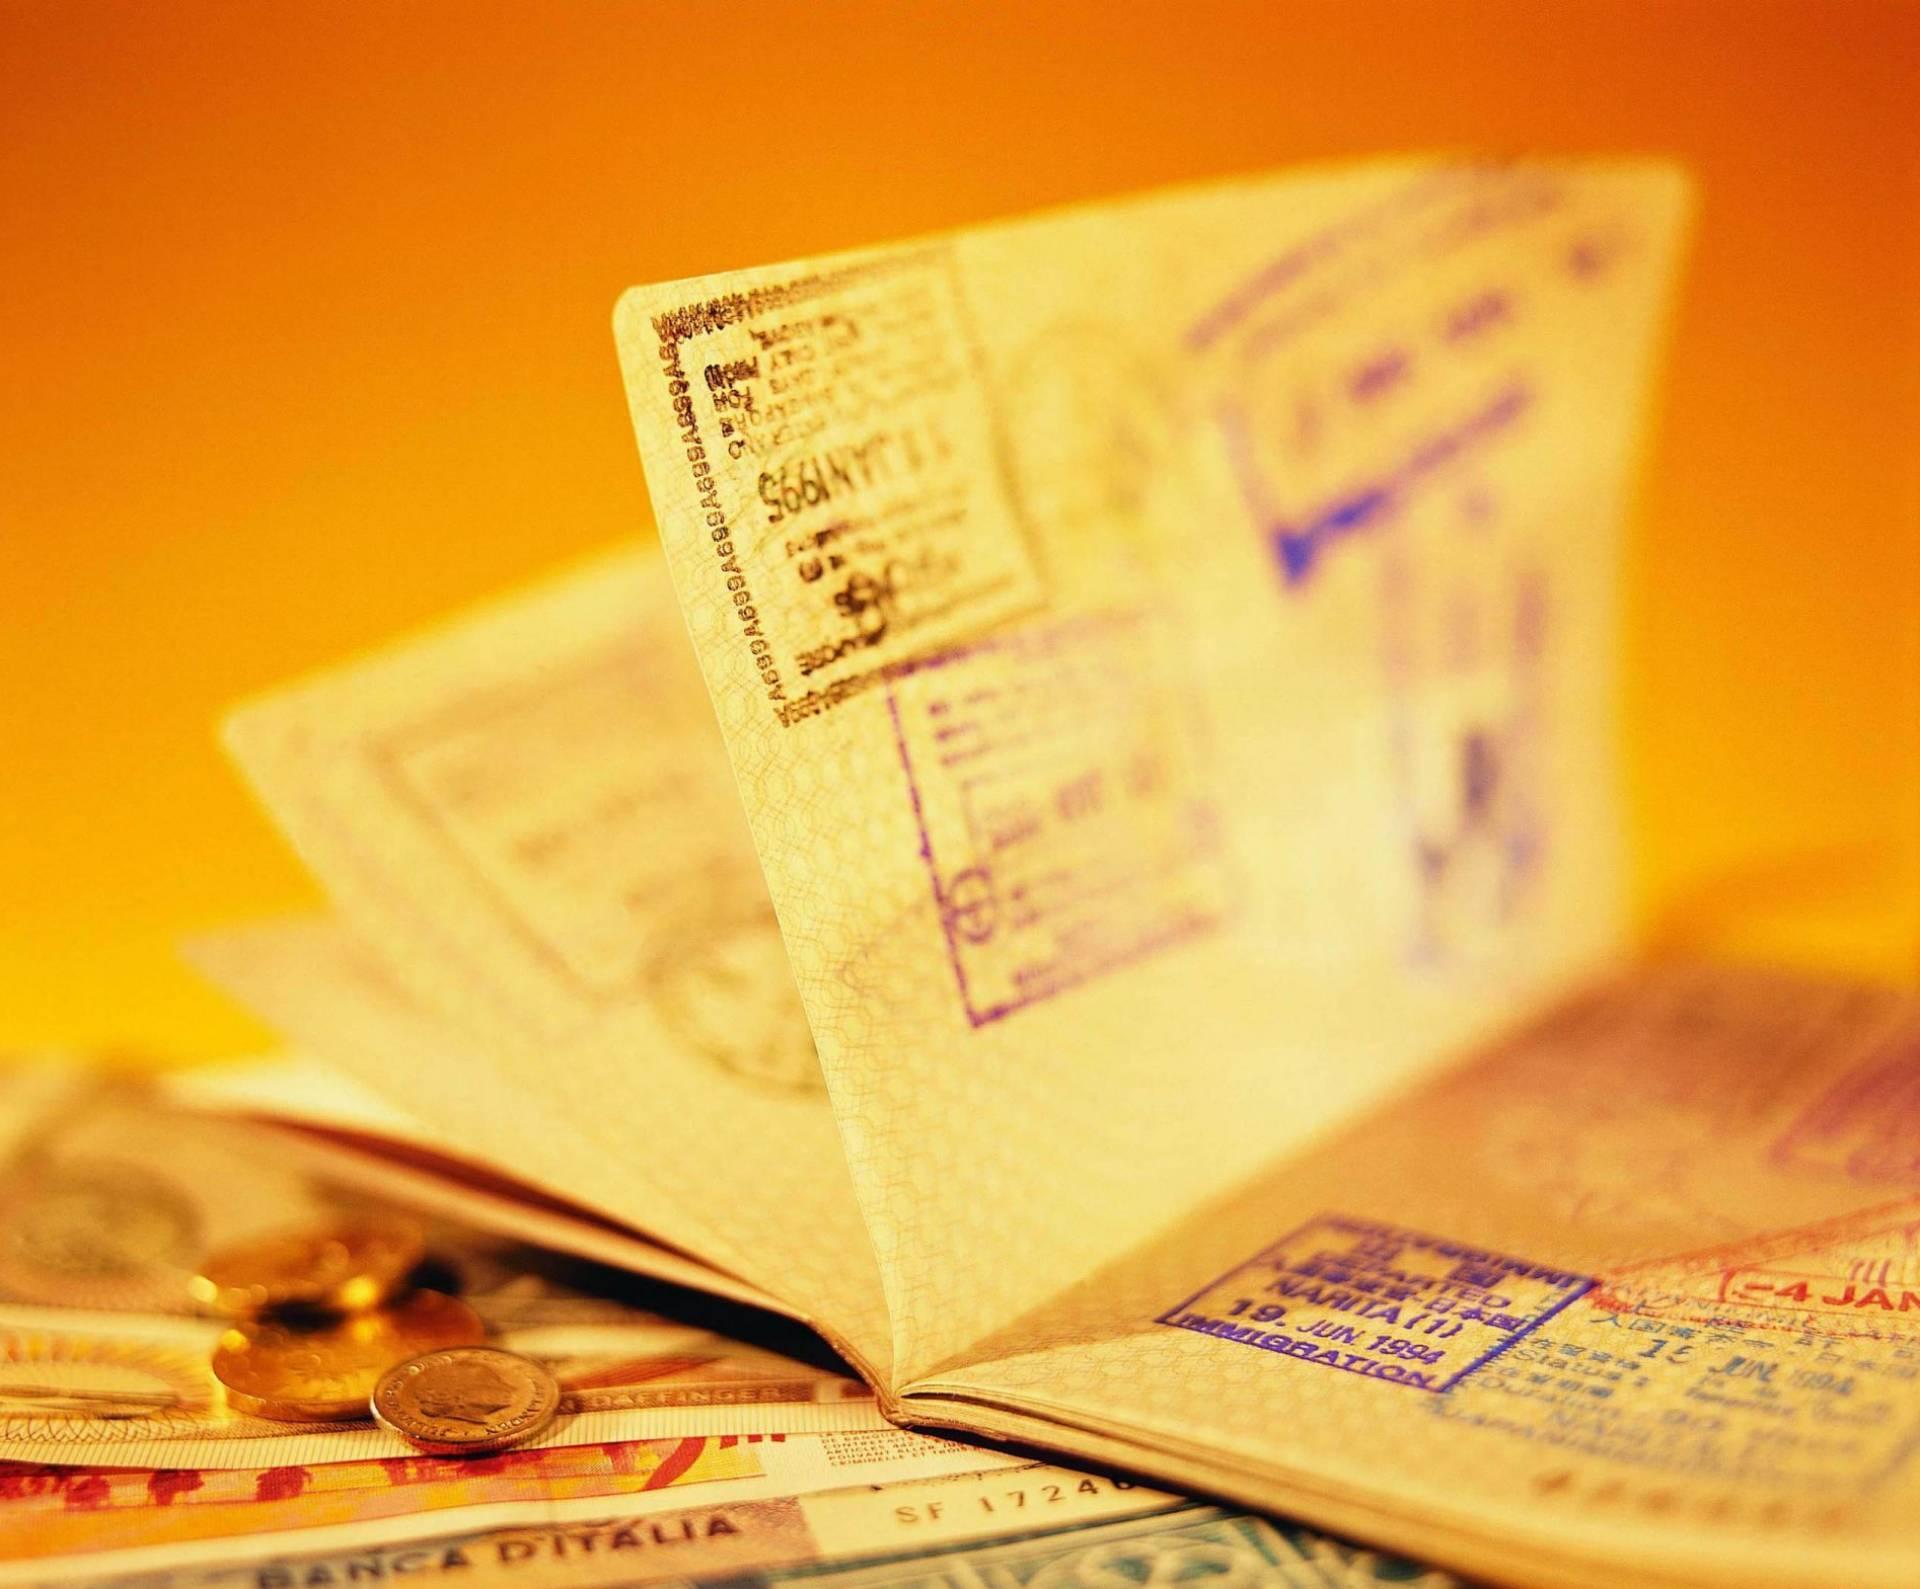 Долгосрочная виза (виза D) в Болгарию — особенности получения и статус